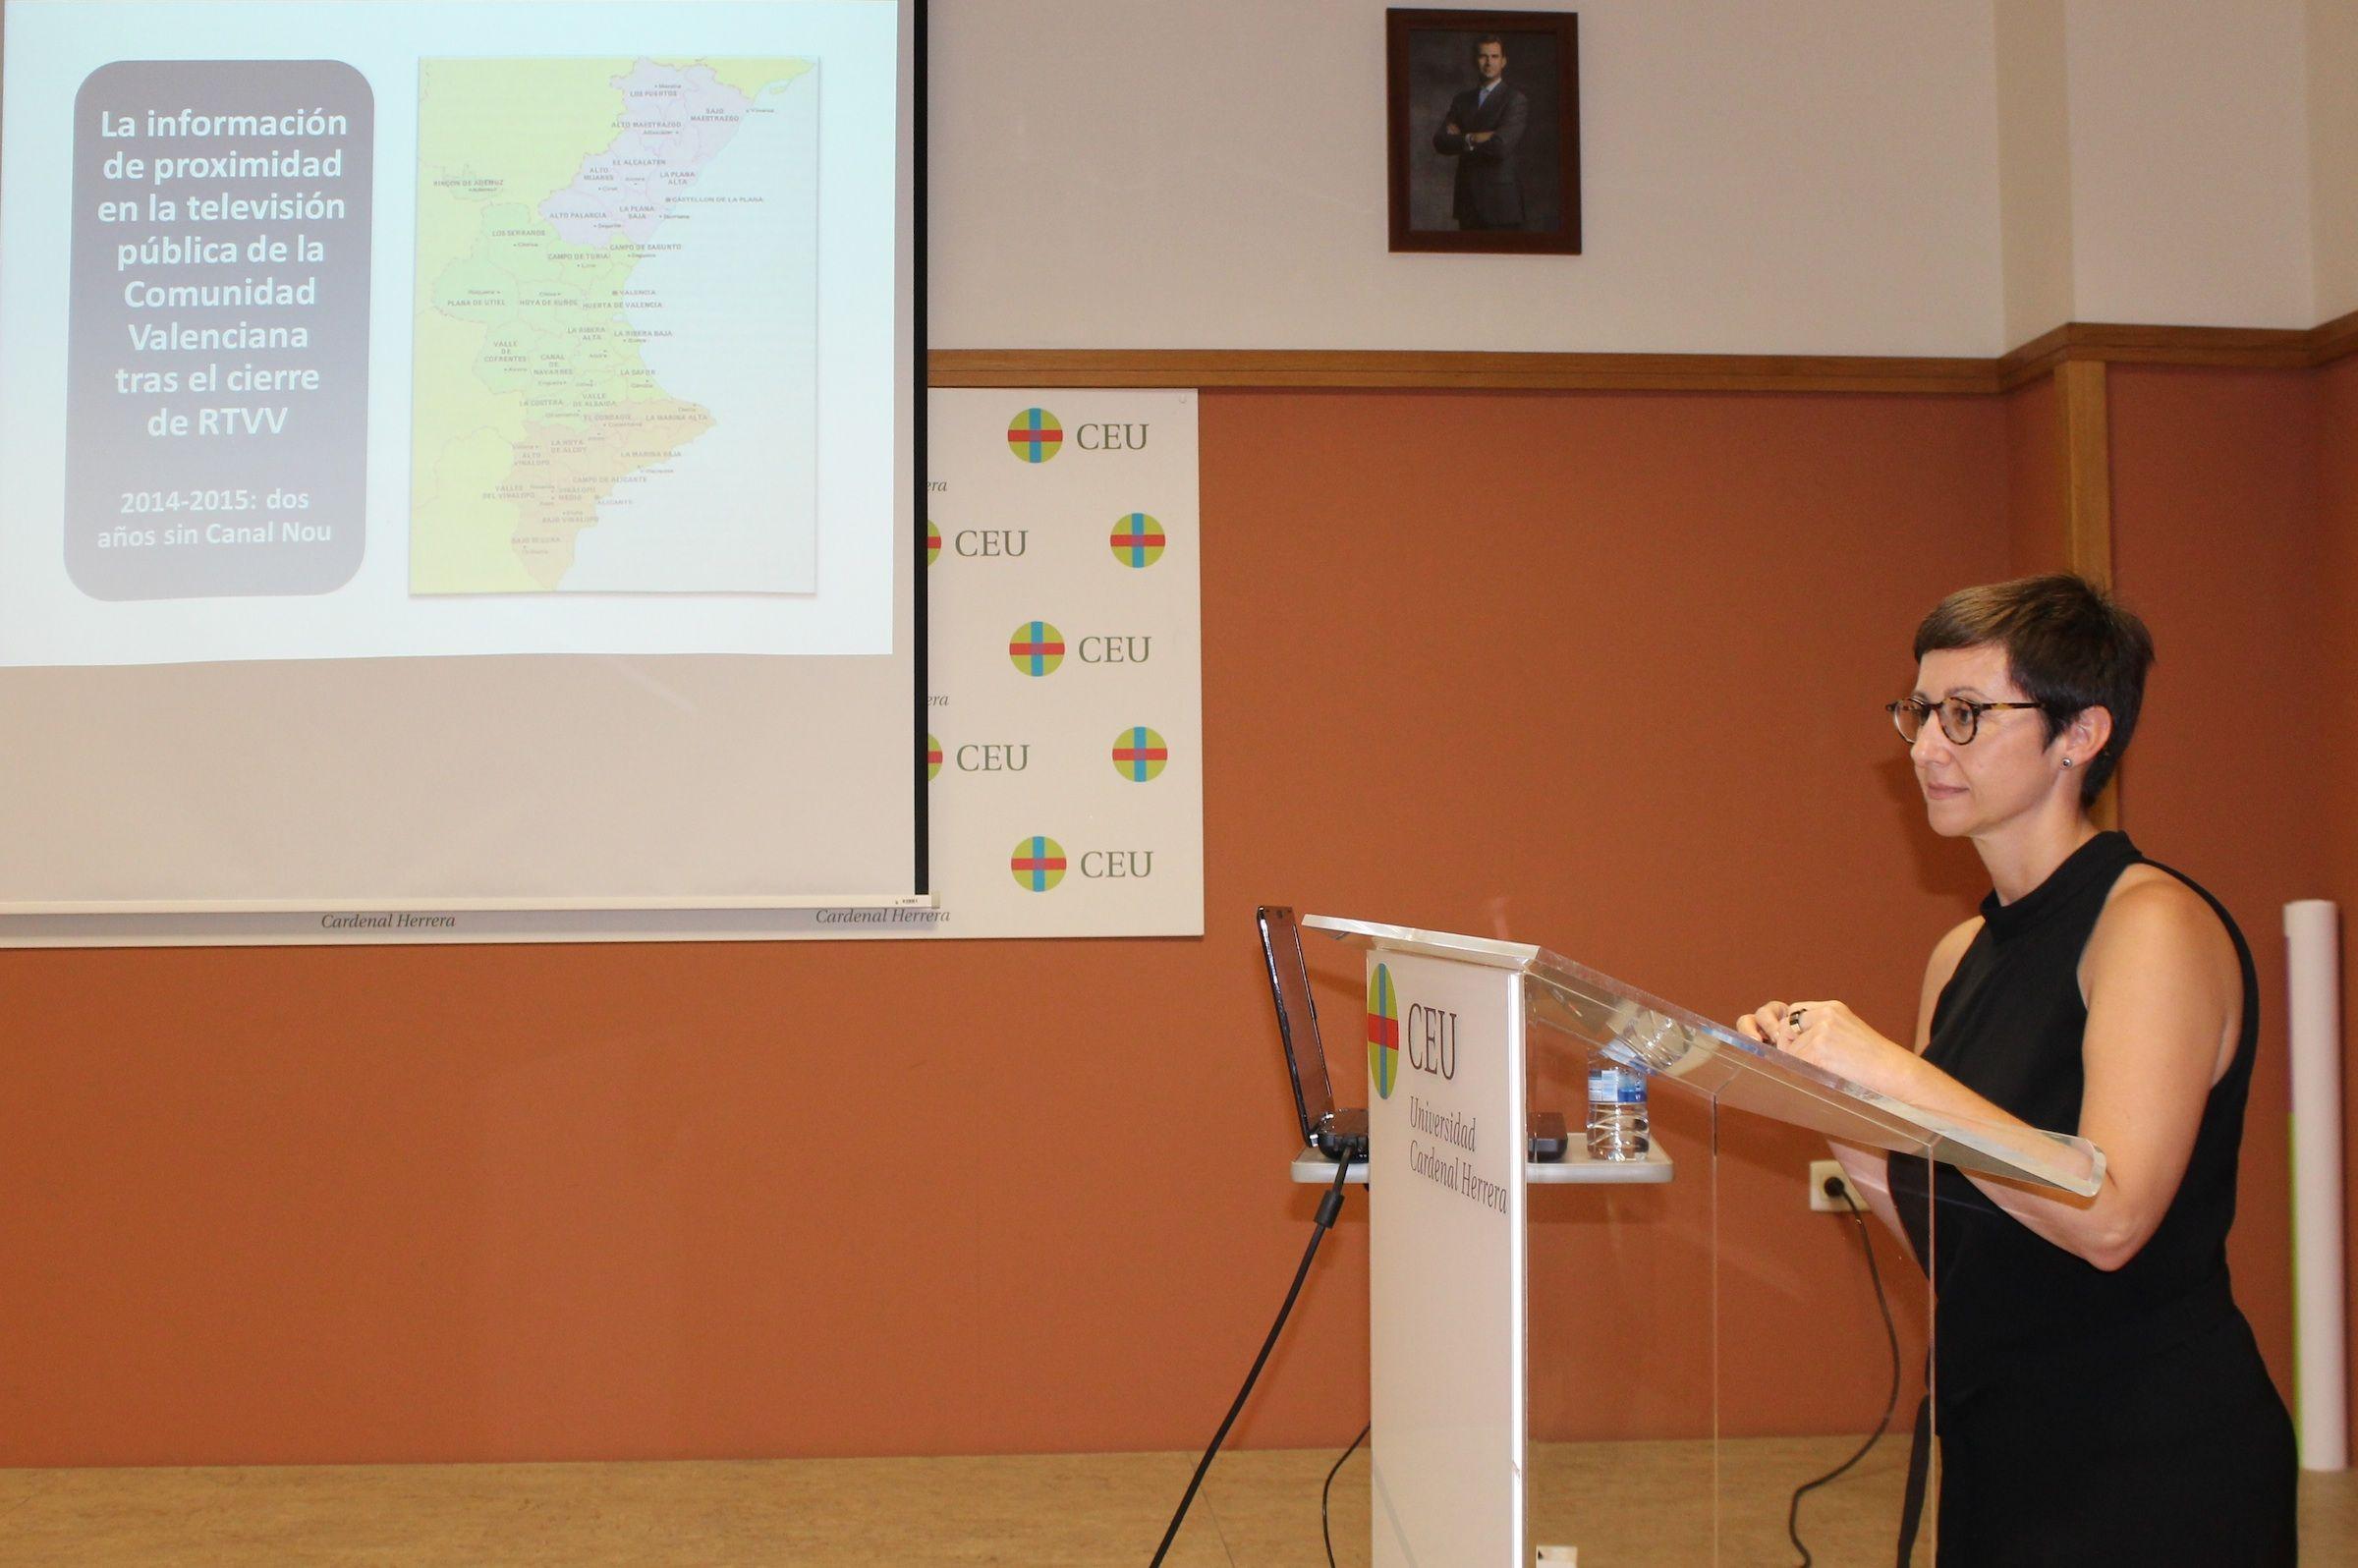 María José Escuder, licenciada en Periodismo por la CEU-UCH y redactora de los informativos de Canal 9 durante casi 20 año, durante la defensa de su tesis doctoral.